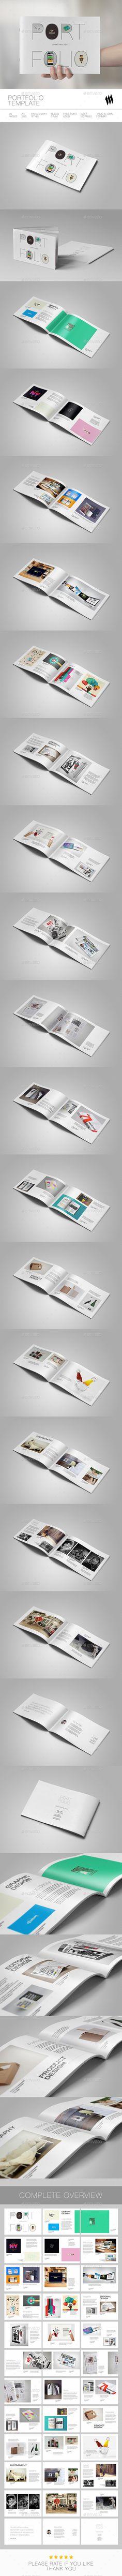 Interior Design Portfolio Template | Interiores, Folletos y Carteras ...